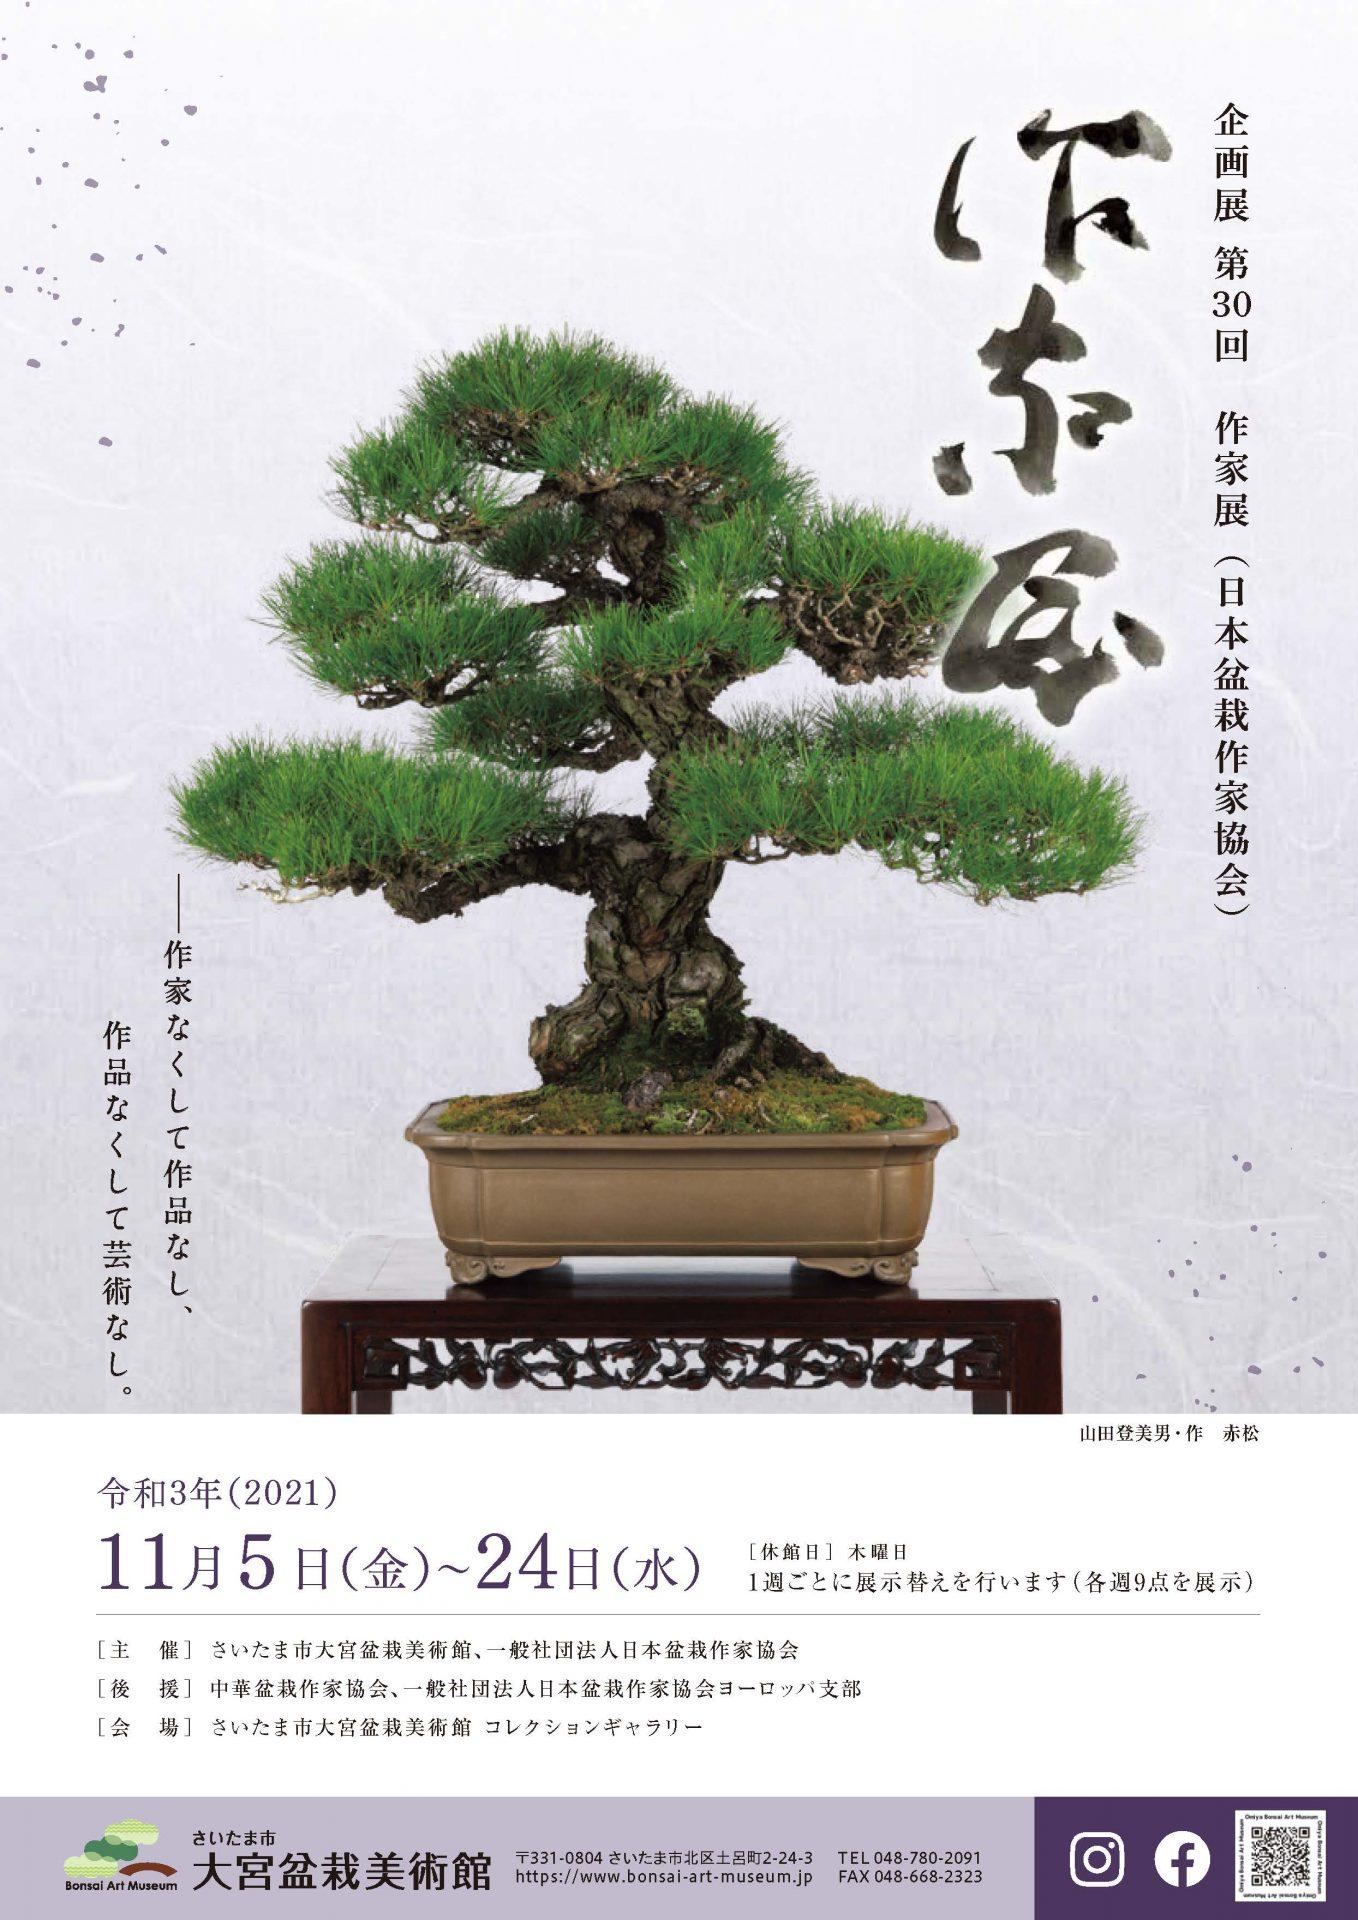 企画展 第30回 作家展(日本盆栽作家協会)